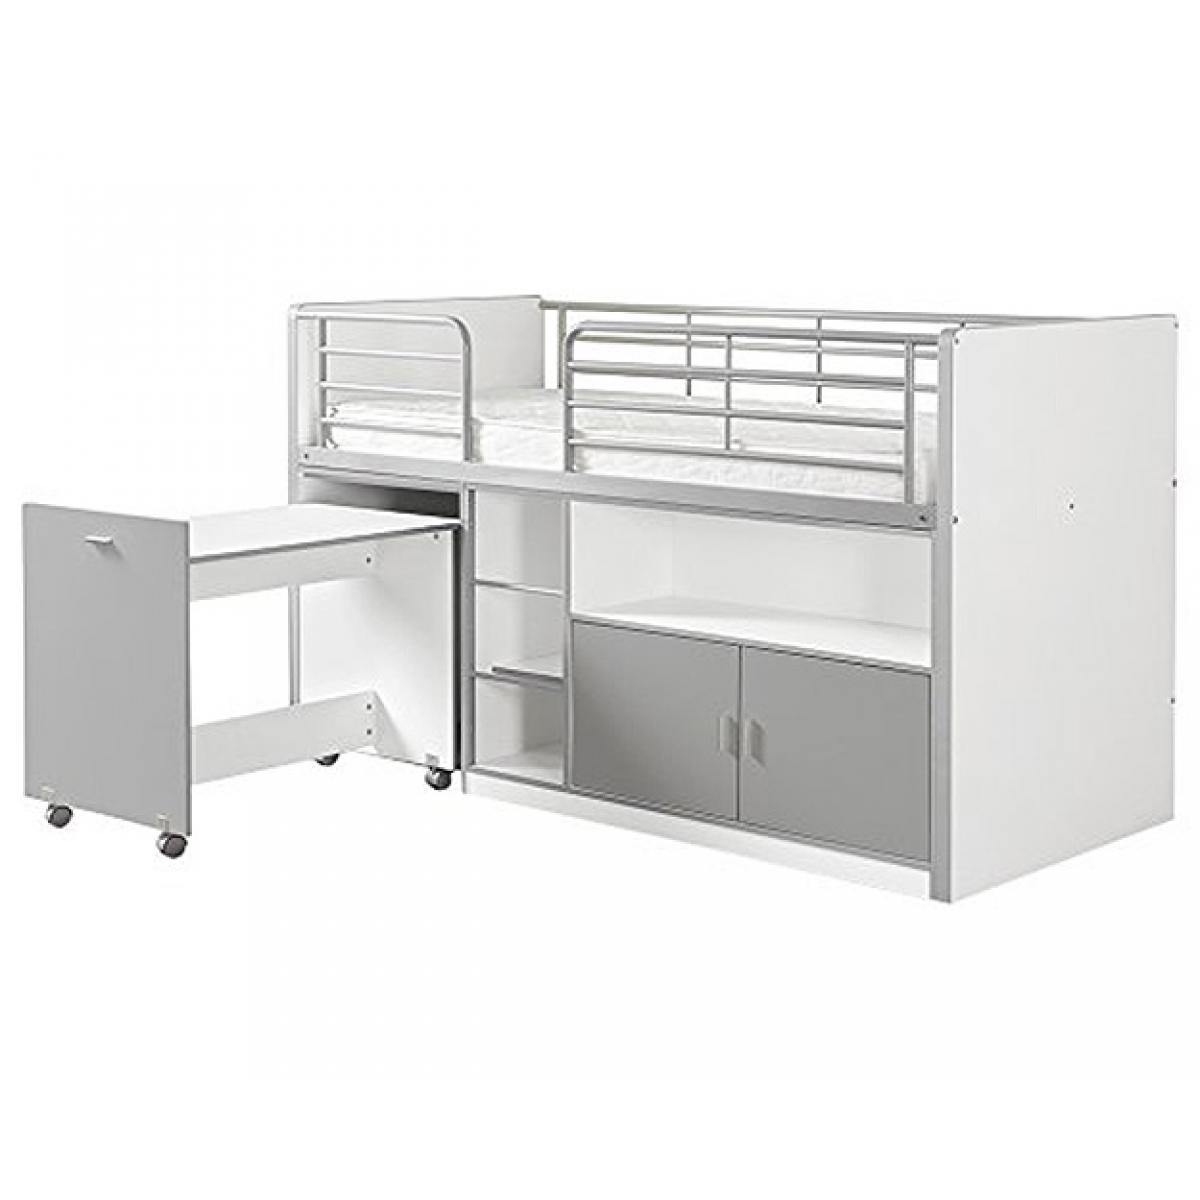 Vipack Vipack BONNY Lit mi-hauteur avec bureau et rangement 90x200 Silver